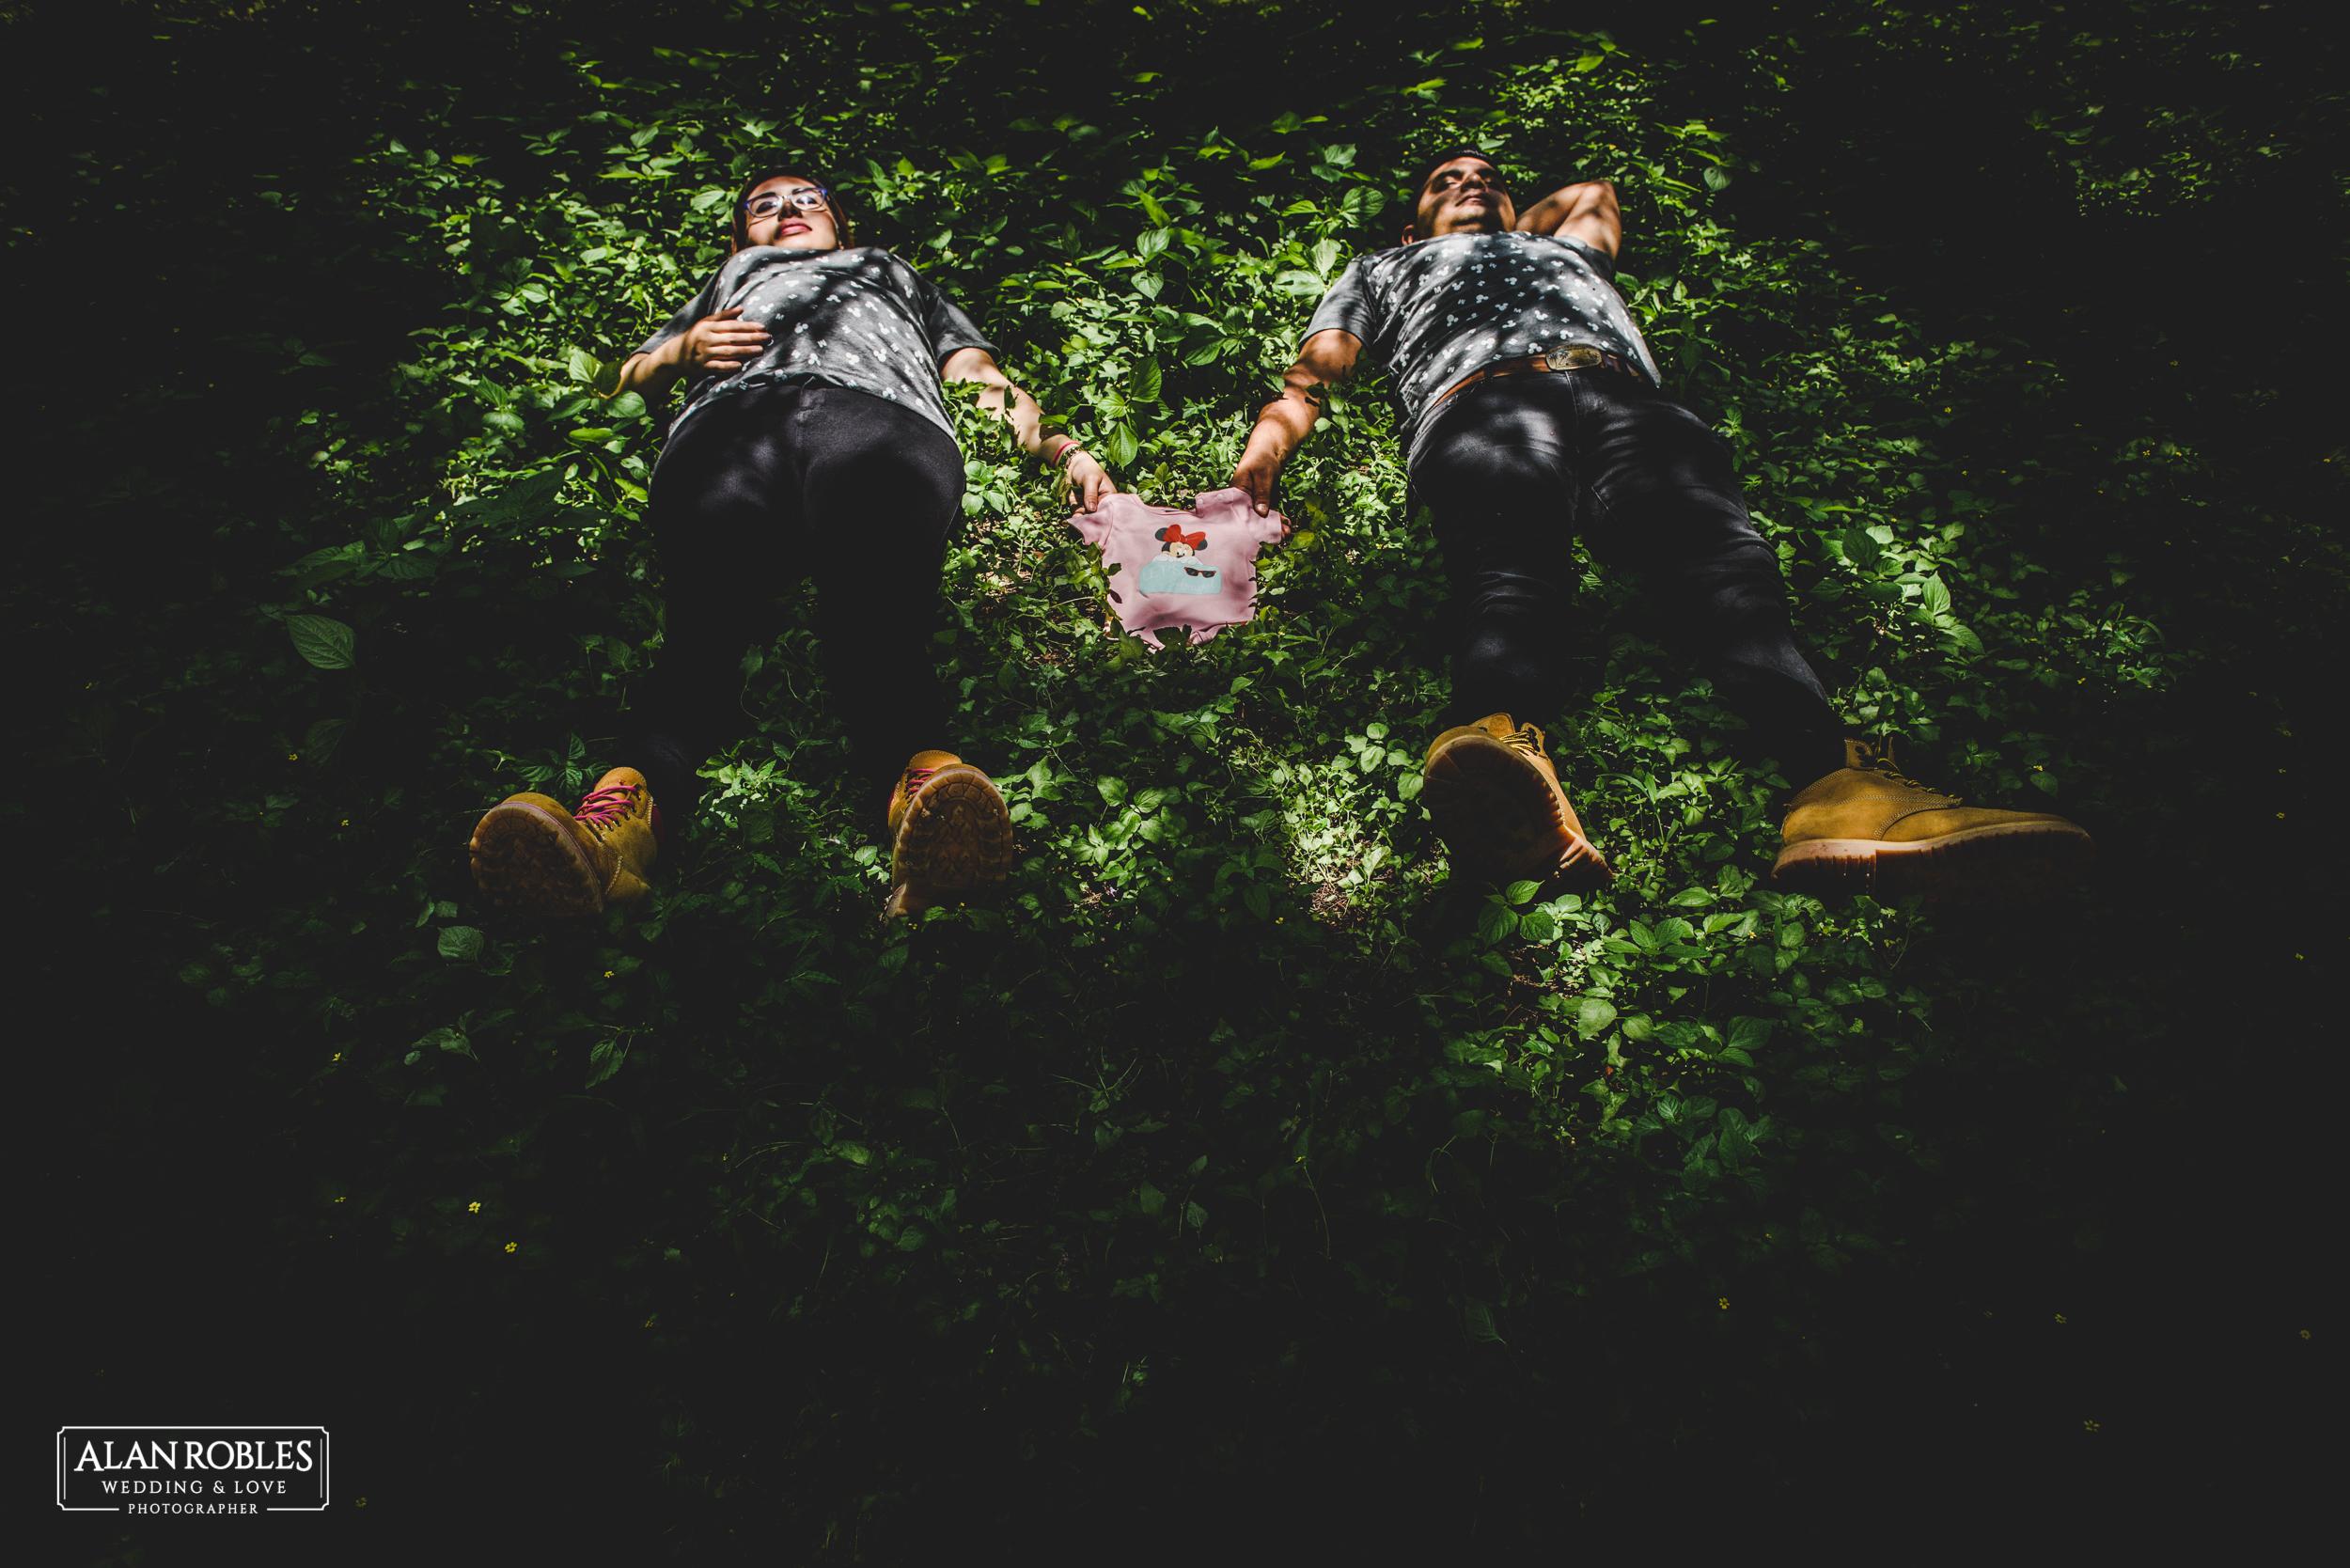 Alan Robles Fotografo de bodas Pily y Antonio